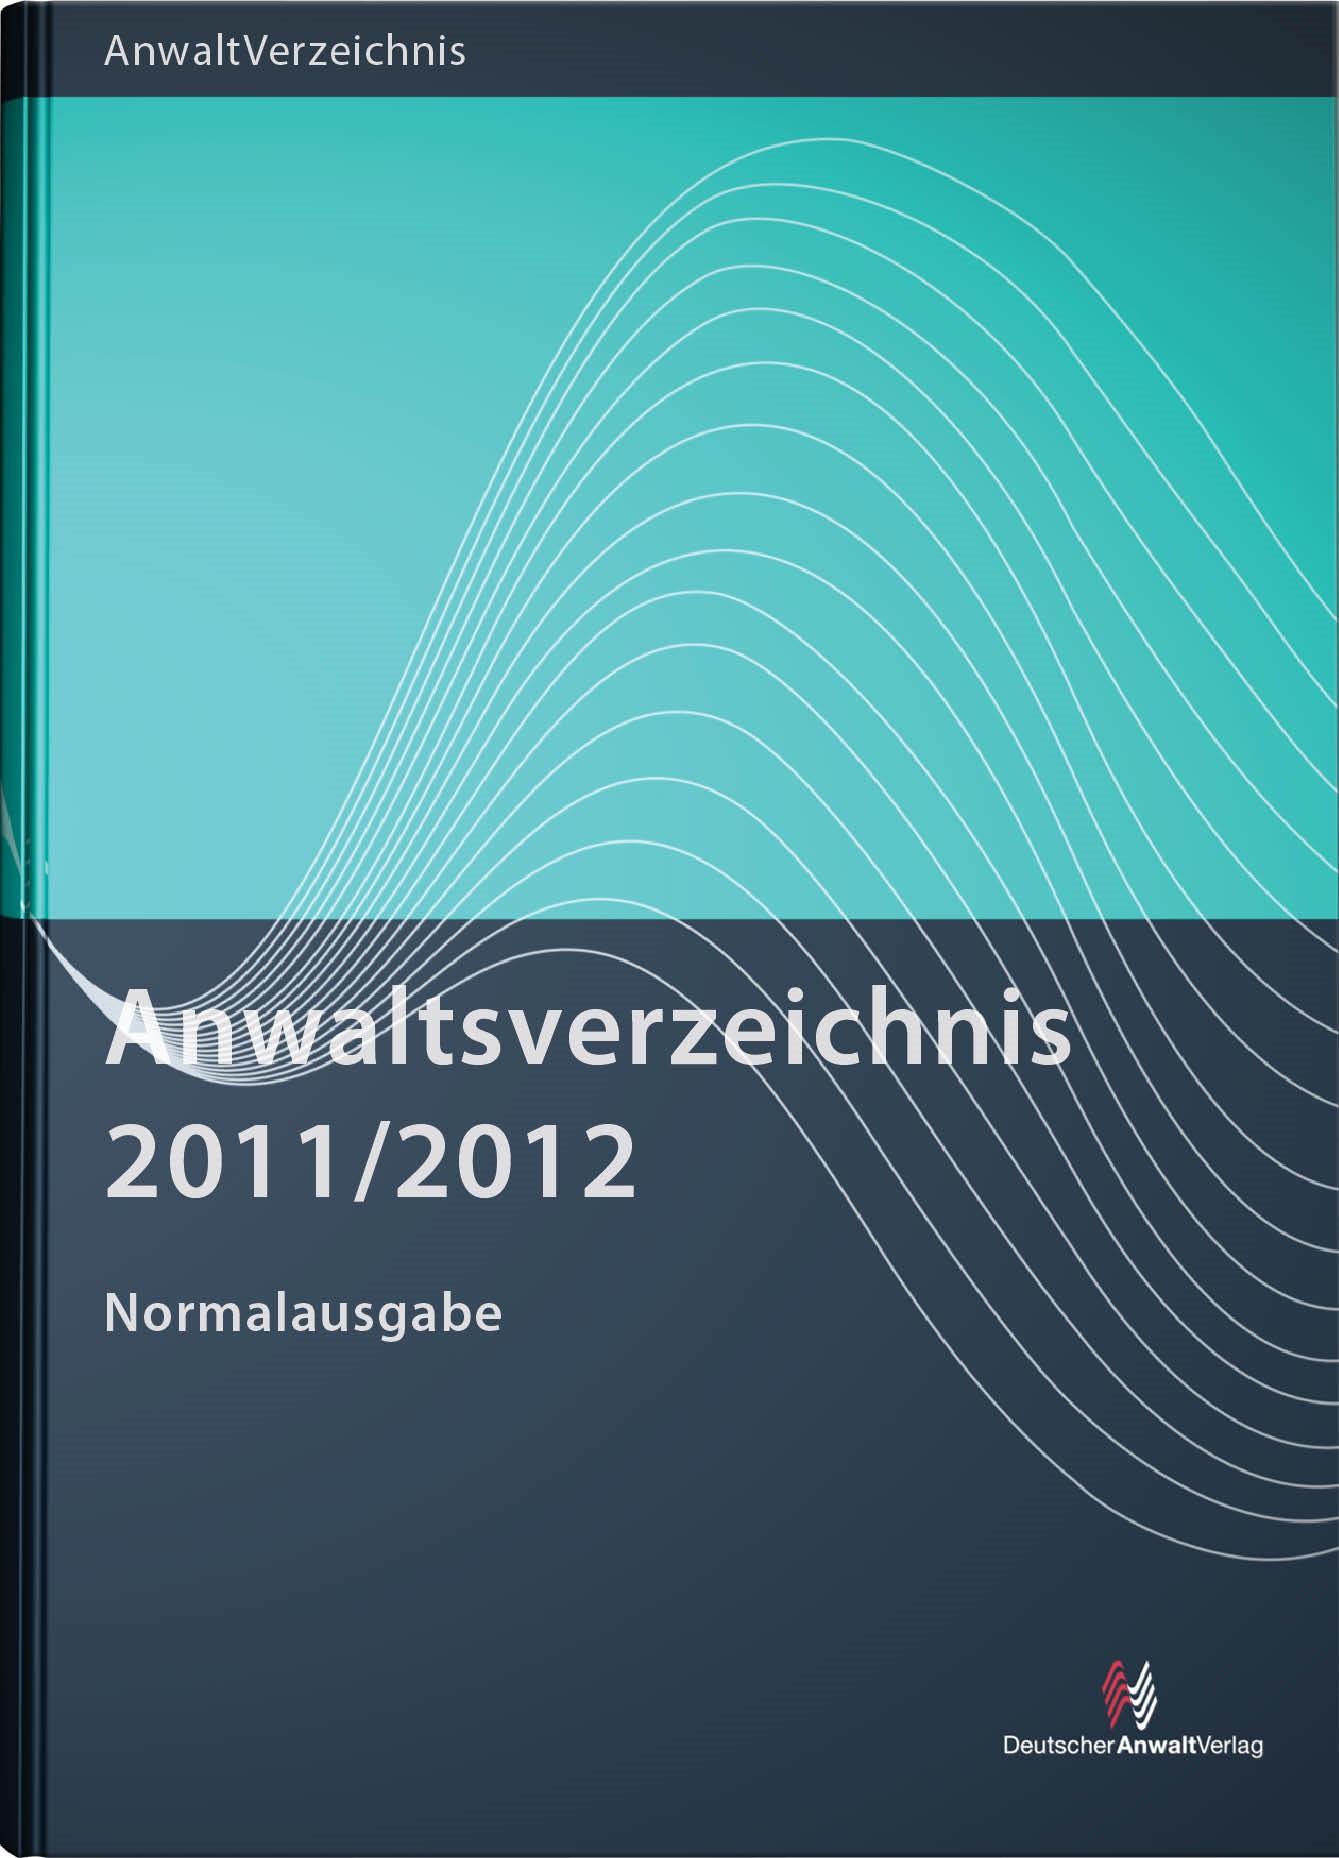 Anwaltsverzeichnis 2011/2012, 2011   Buch (Cover)